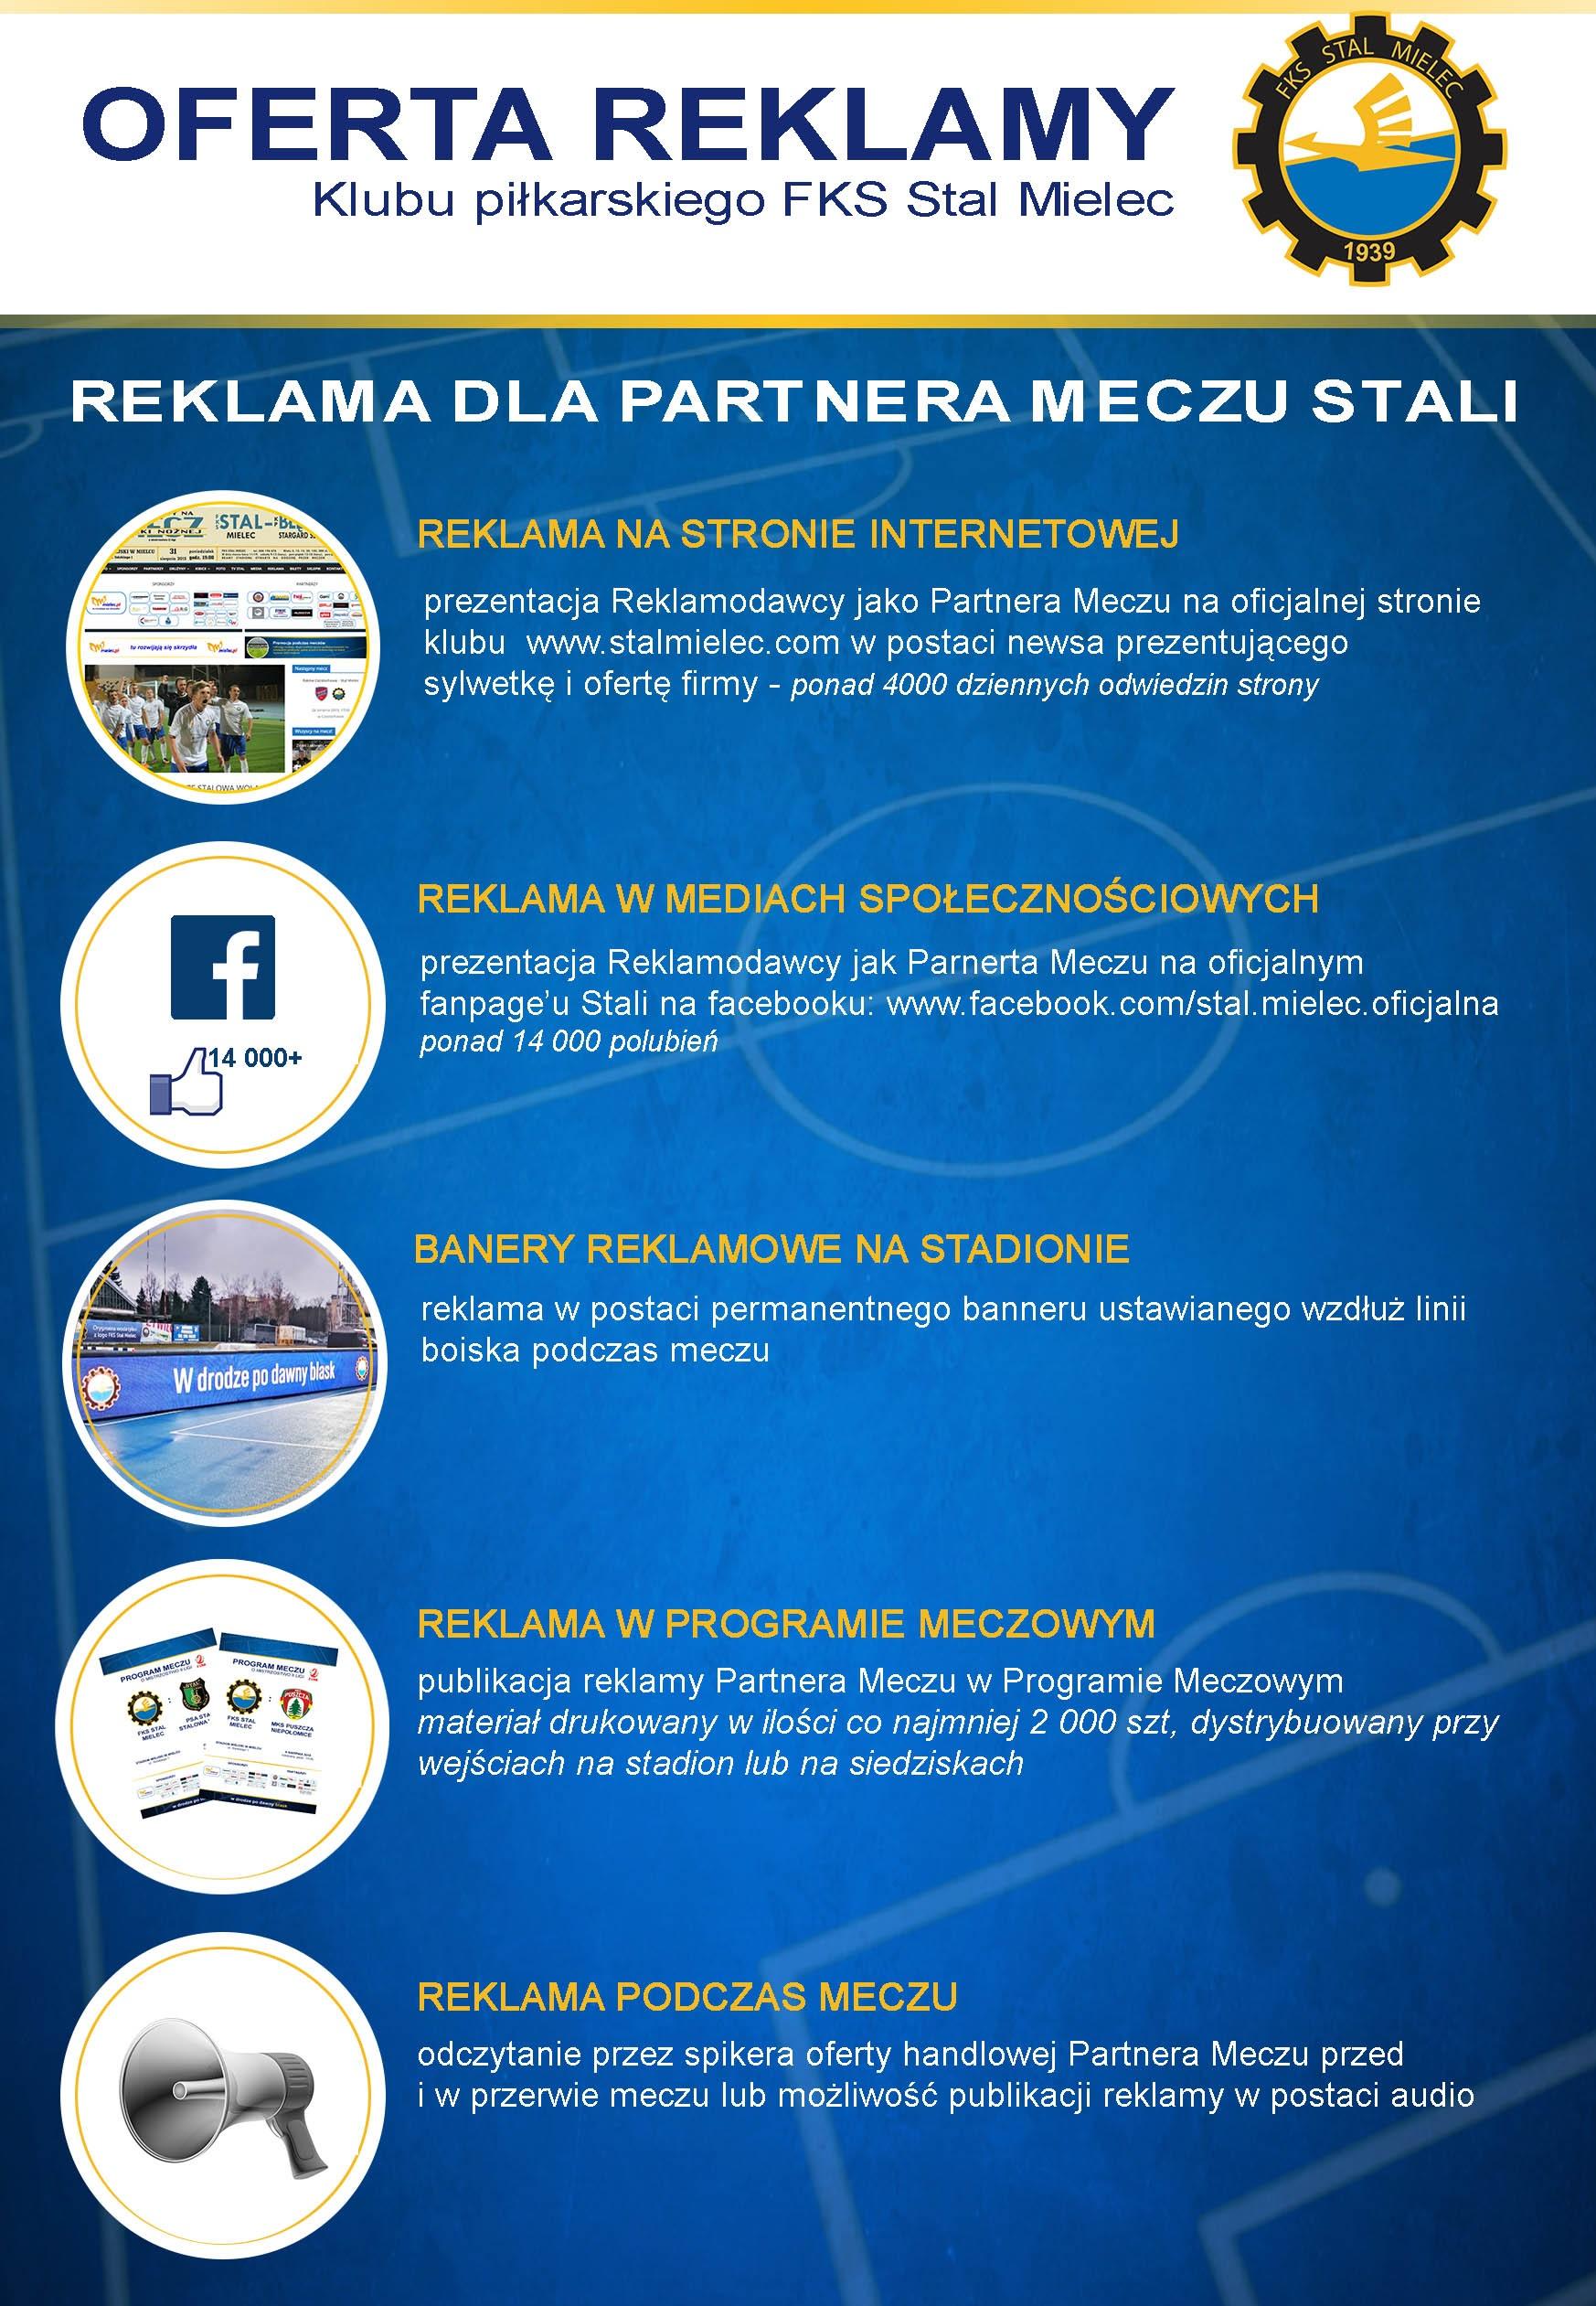 www_zakladka_REKLAMA_I_liga